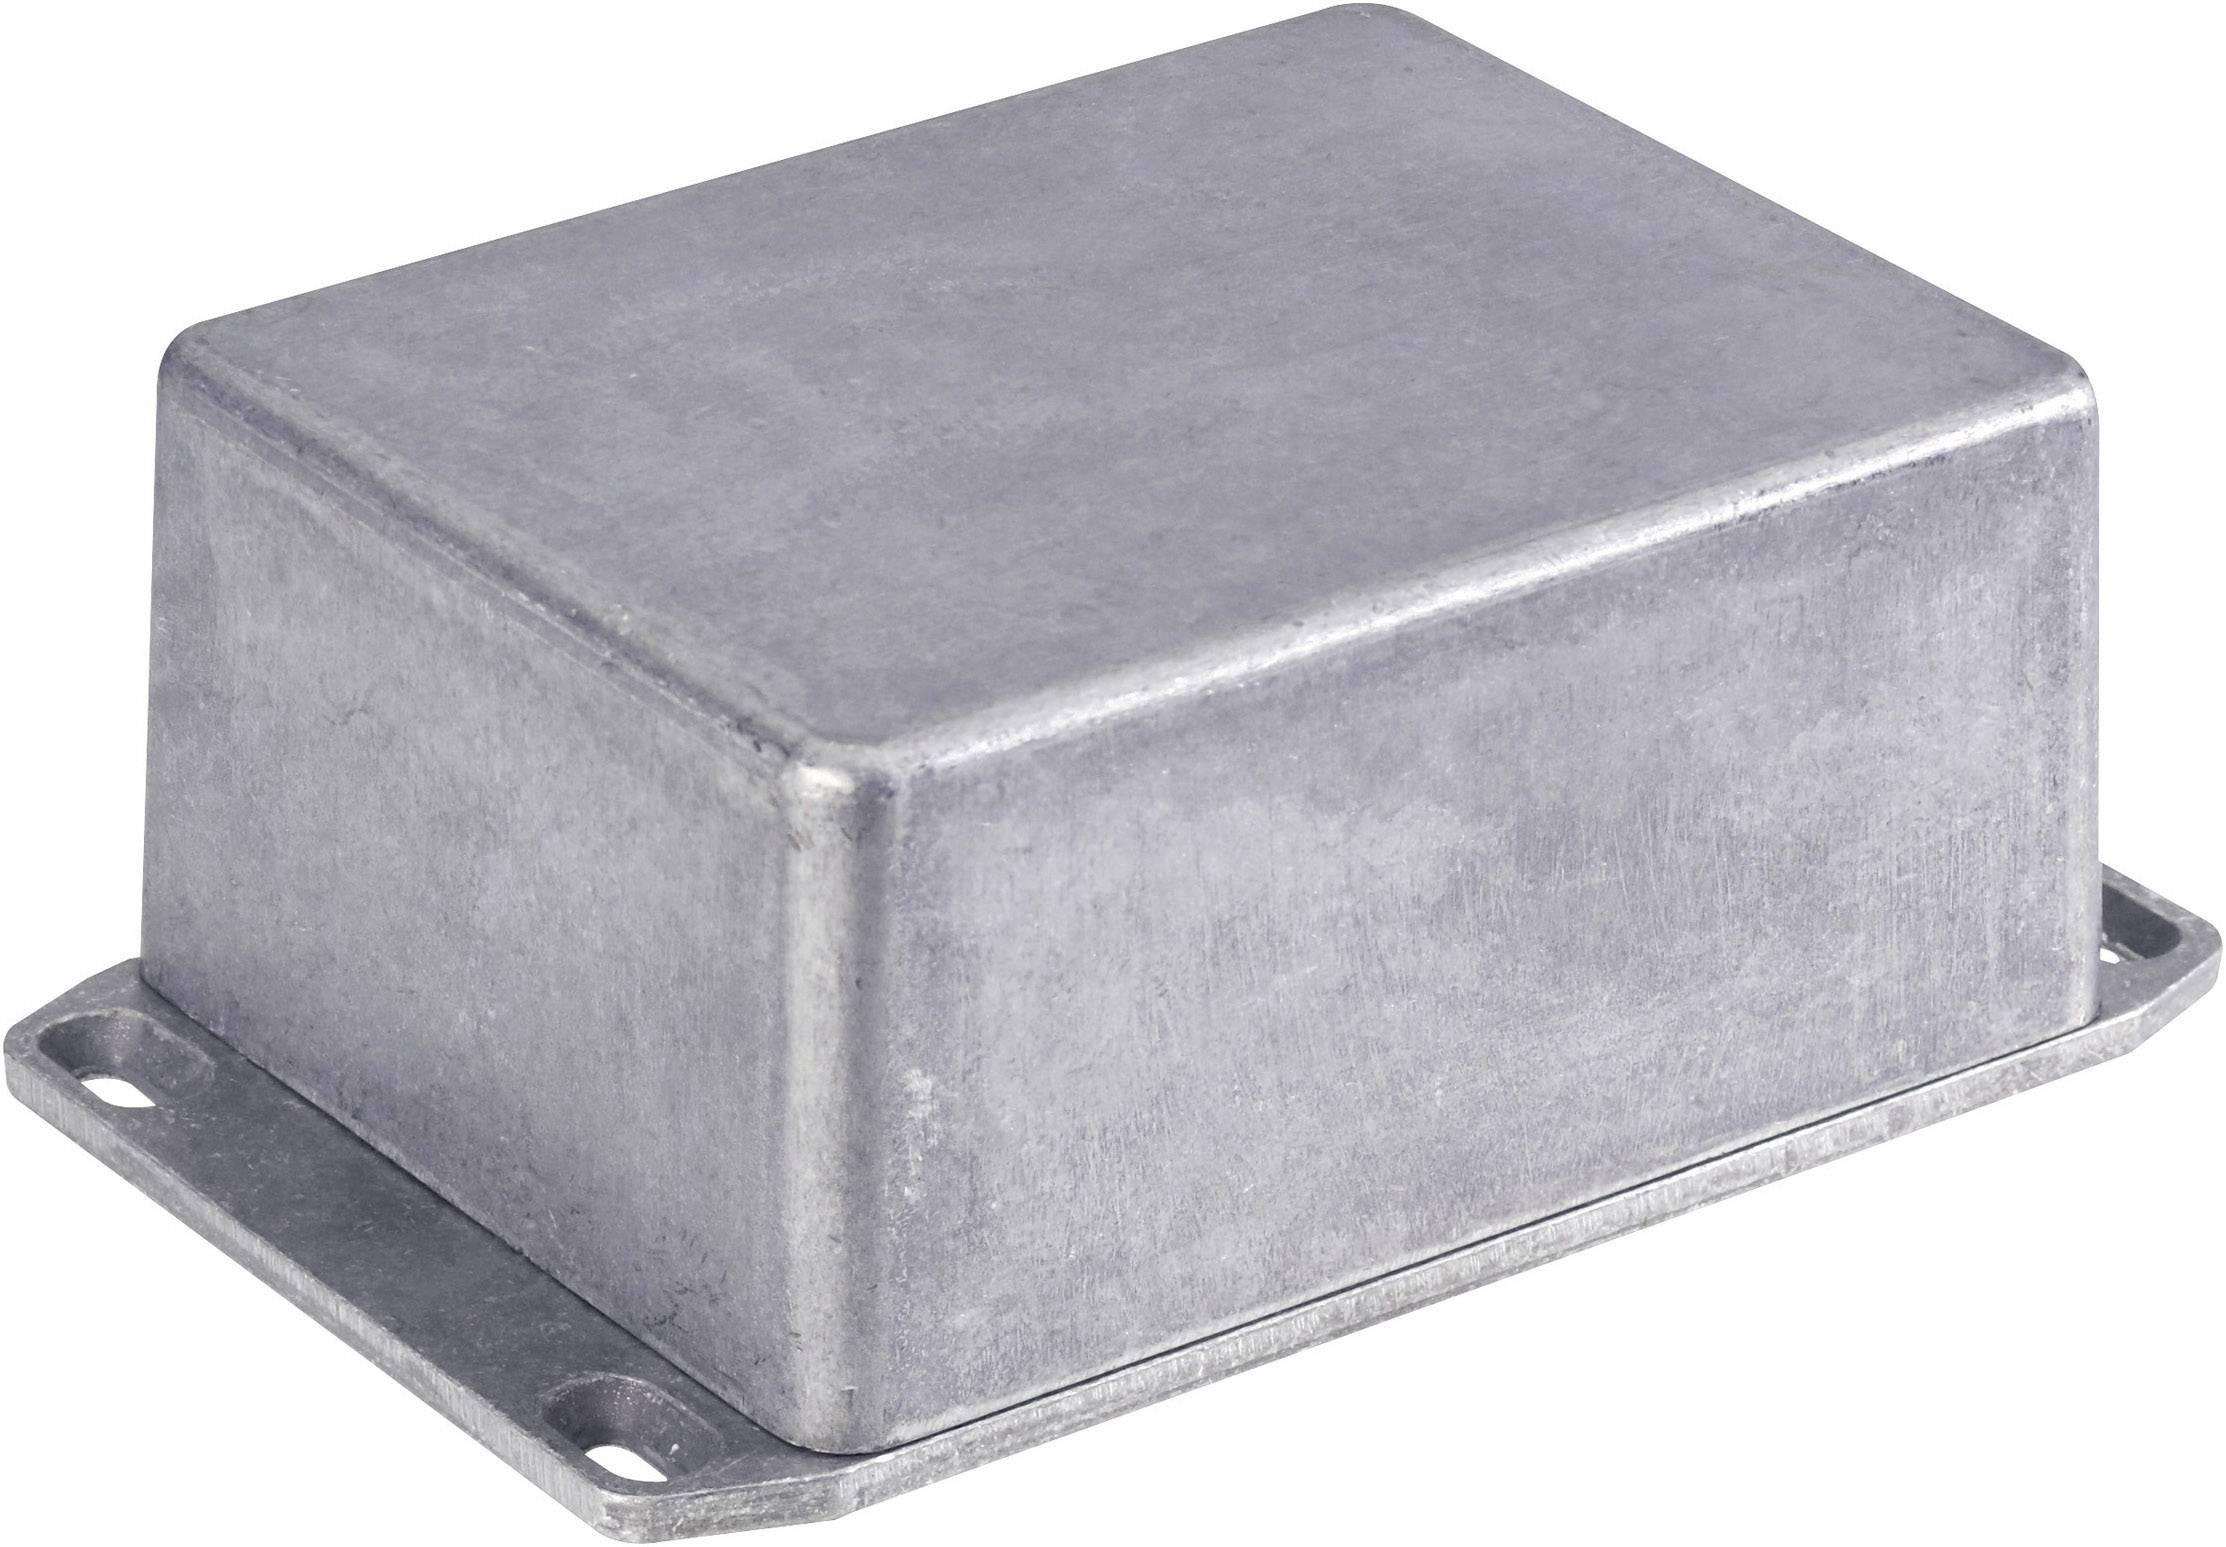 Univerzální pouzdro hliník Hammond Electronics 1590DDFLBK 188 x 119.5 x 37 1 ks